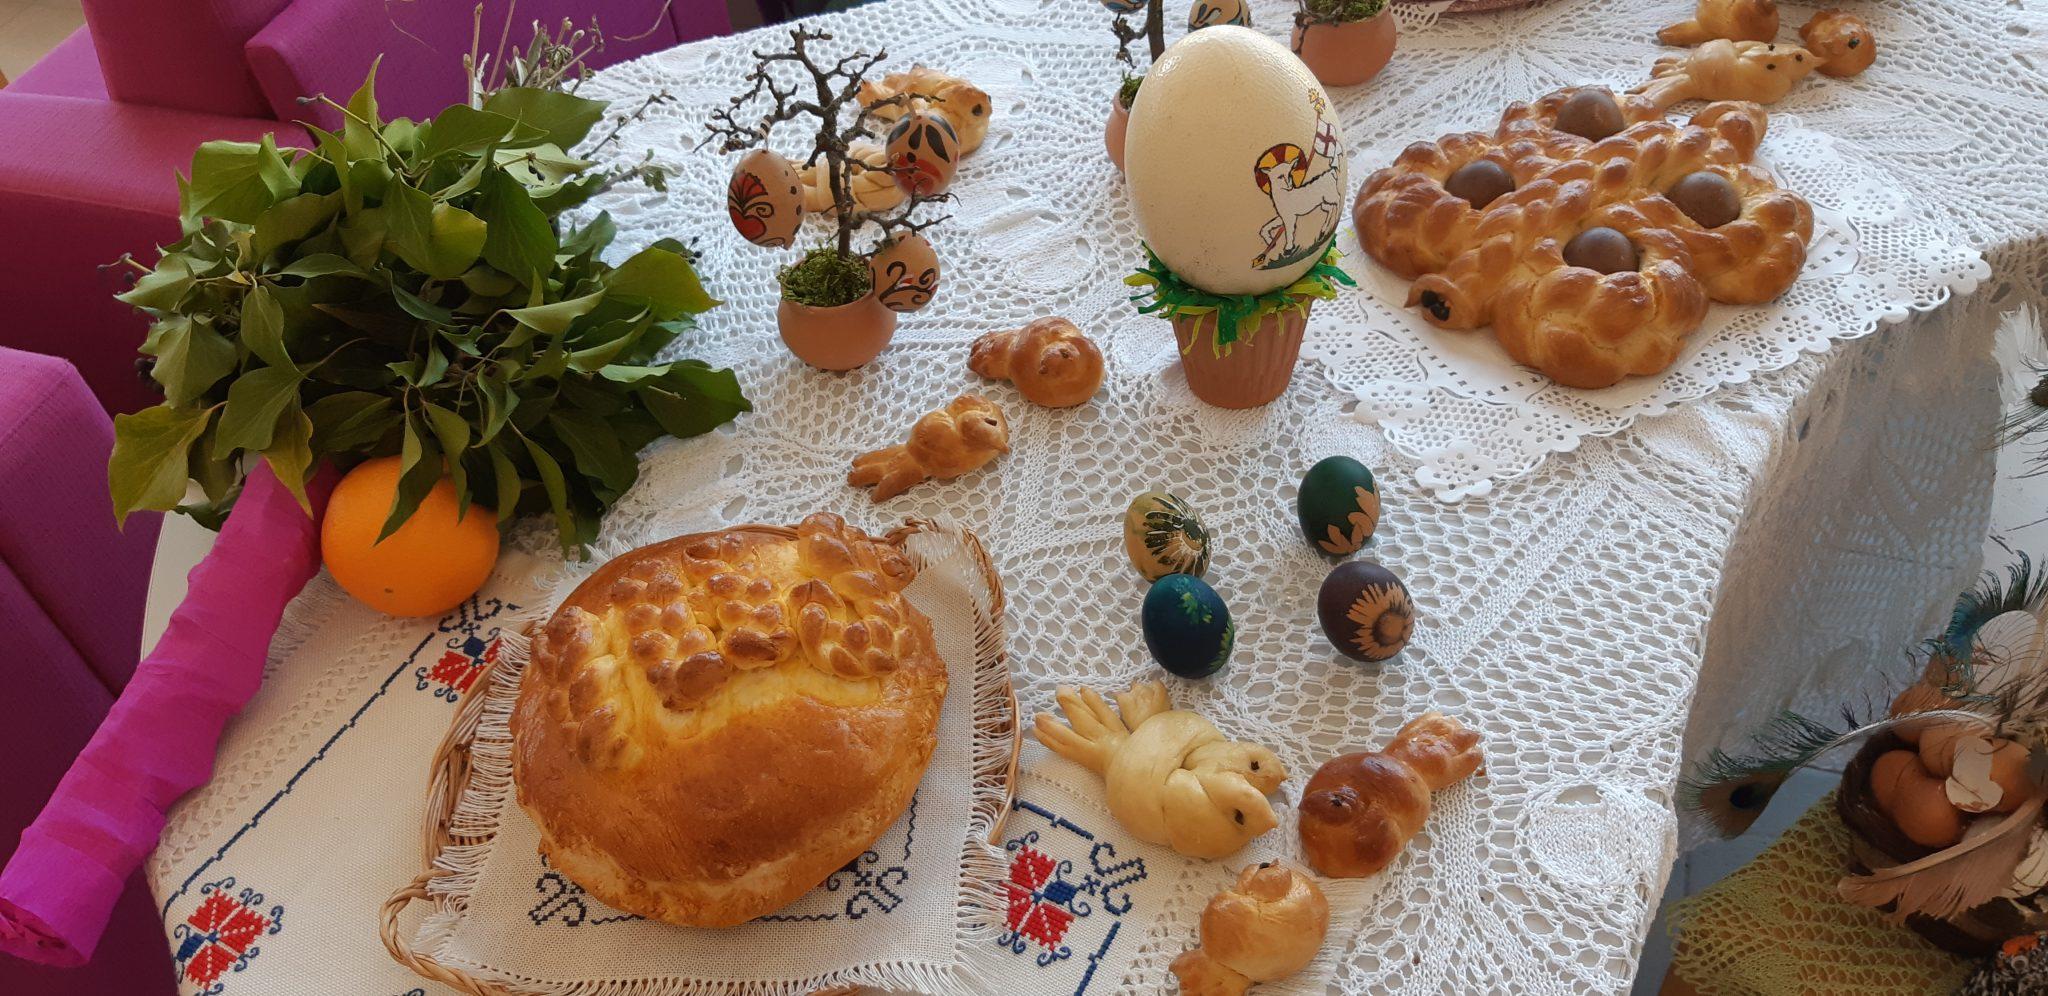 20190417 172743 - Velikonočna razstava društva Klasje Cerknica